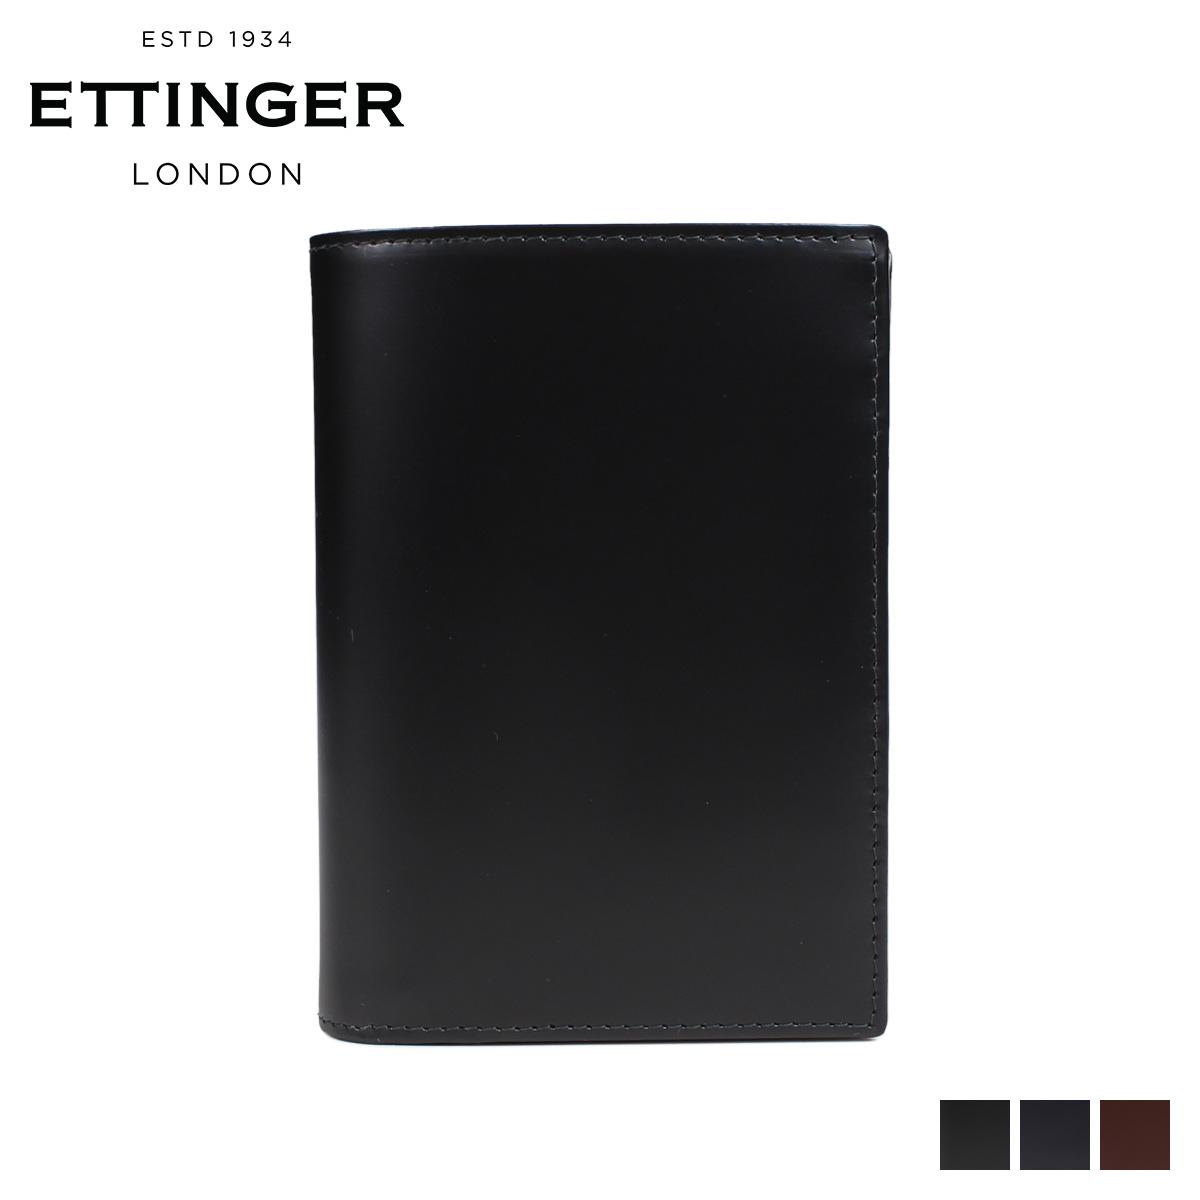 ETTINGER PURSE NOTECASE WITH 4 CC SLOTS エッティンガー 財布 二つ折り メンズ レザー ブラック ネイビー ブラウン 黒 BH179JR